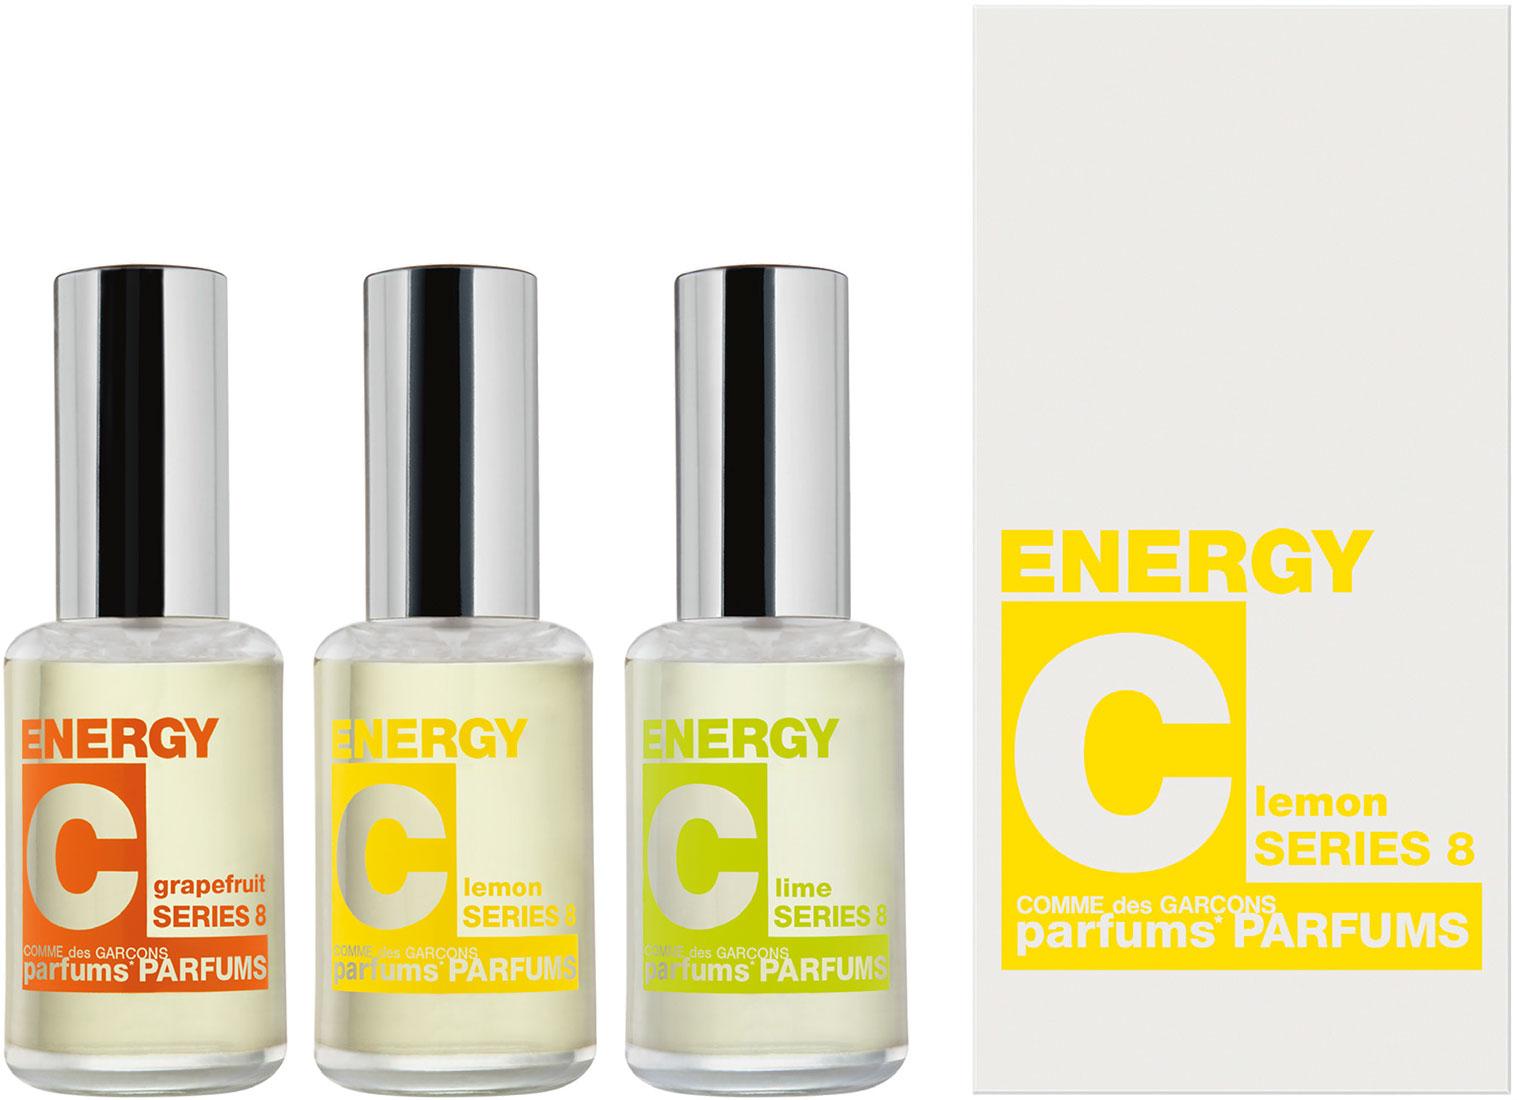 energy-c-series-8.jpg